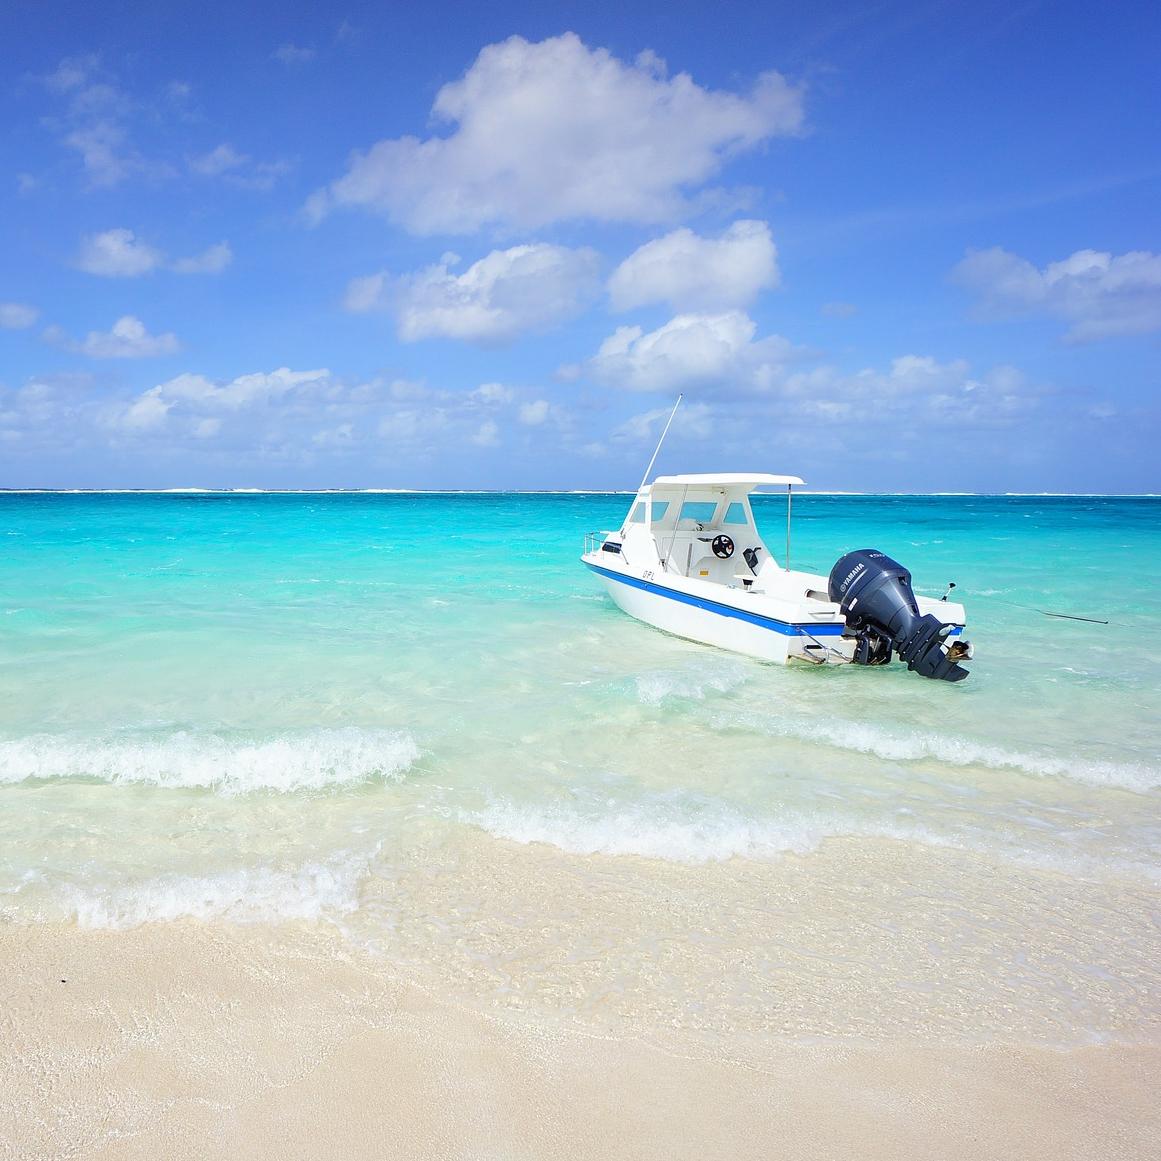 2泊3日で行けちゃう!癒やしの海外リゾート10選